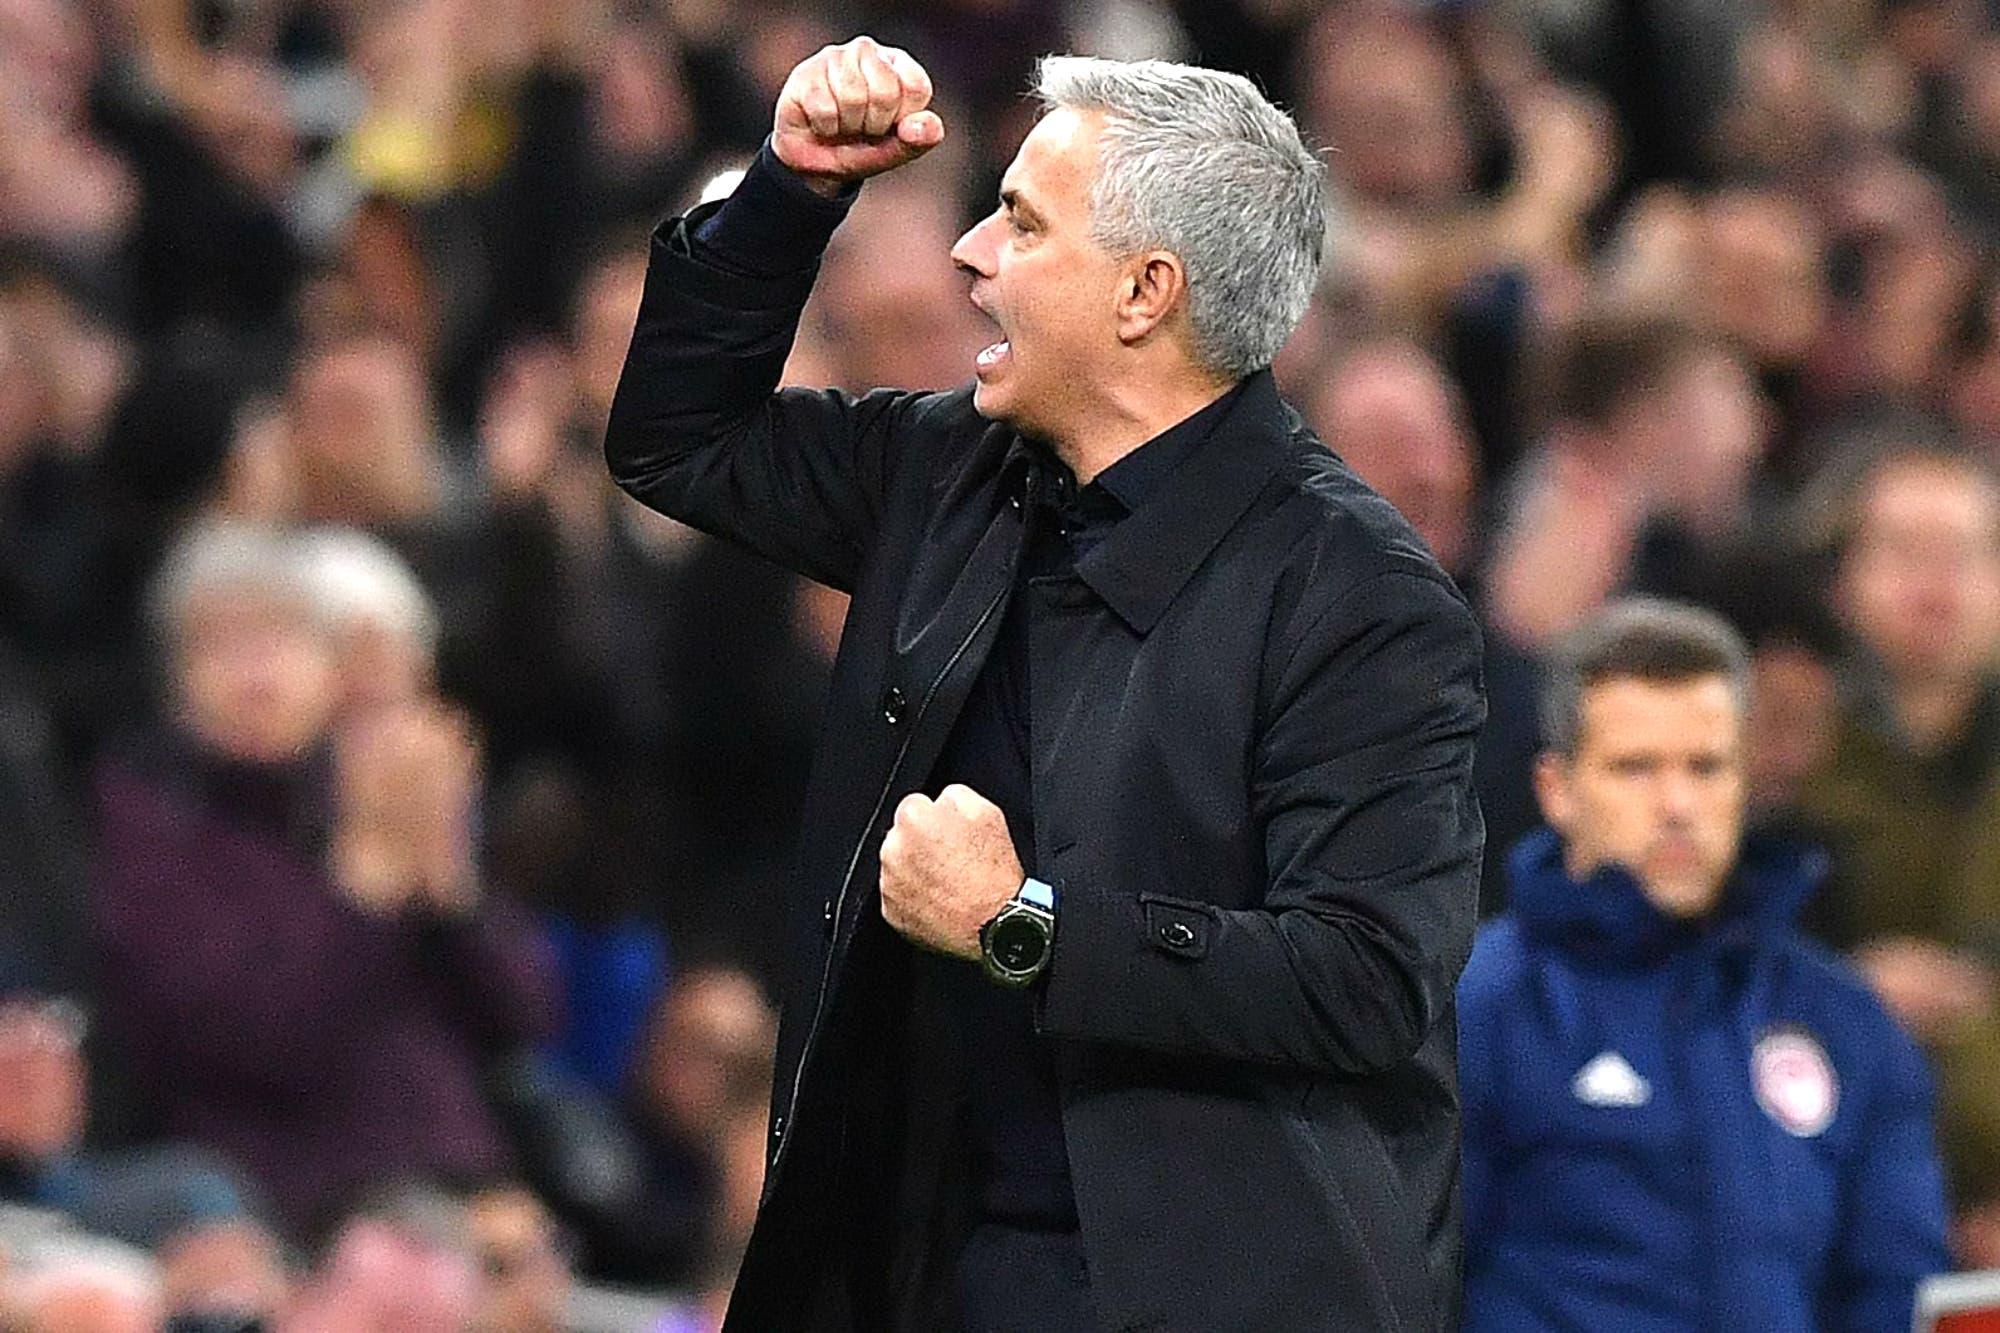 Tottenham Hotspur-Olympiacos, por la Champions League: Mourinho cambió a un equipo que perdía 2-0 y ganó 4-2